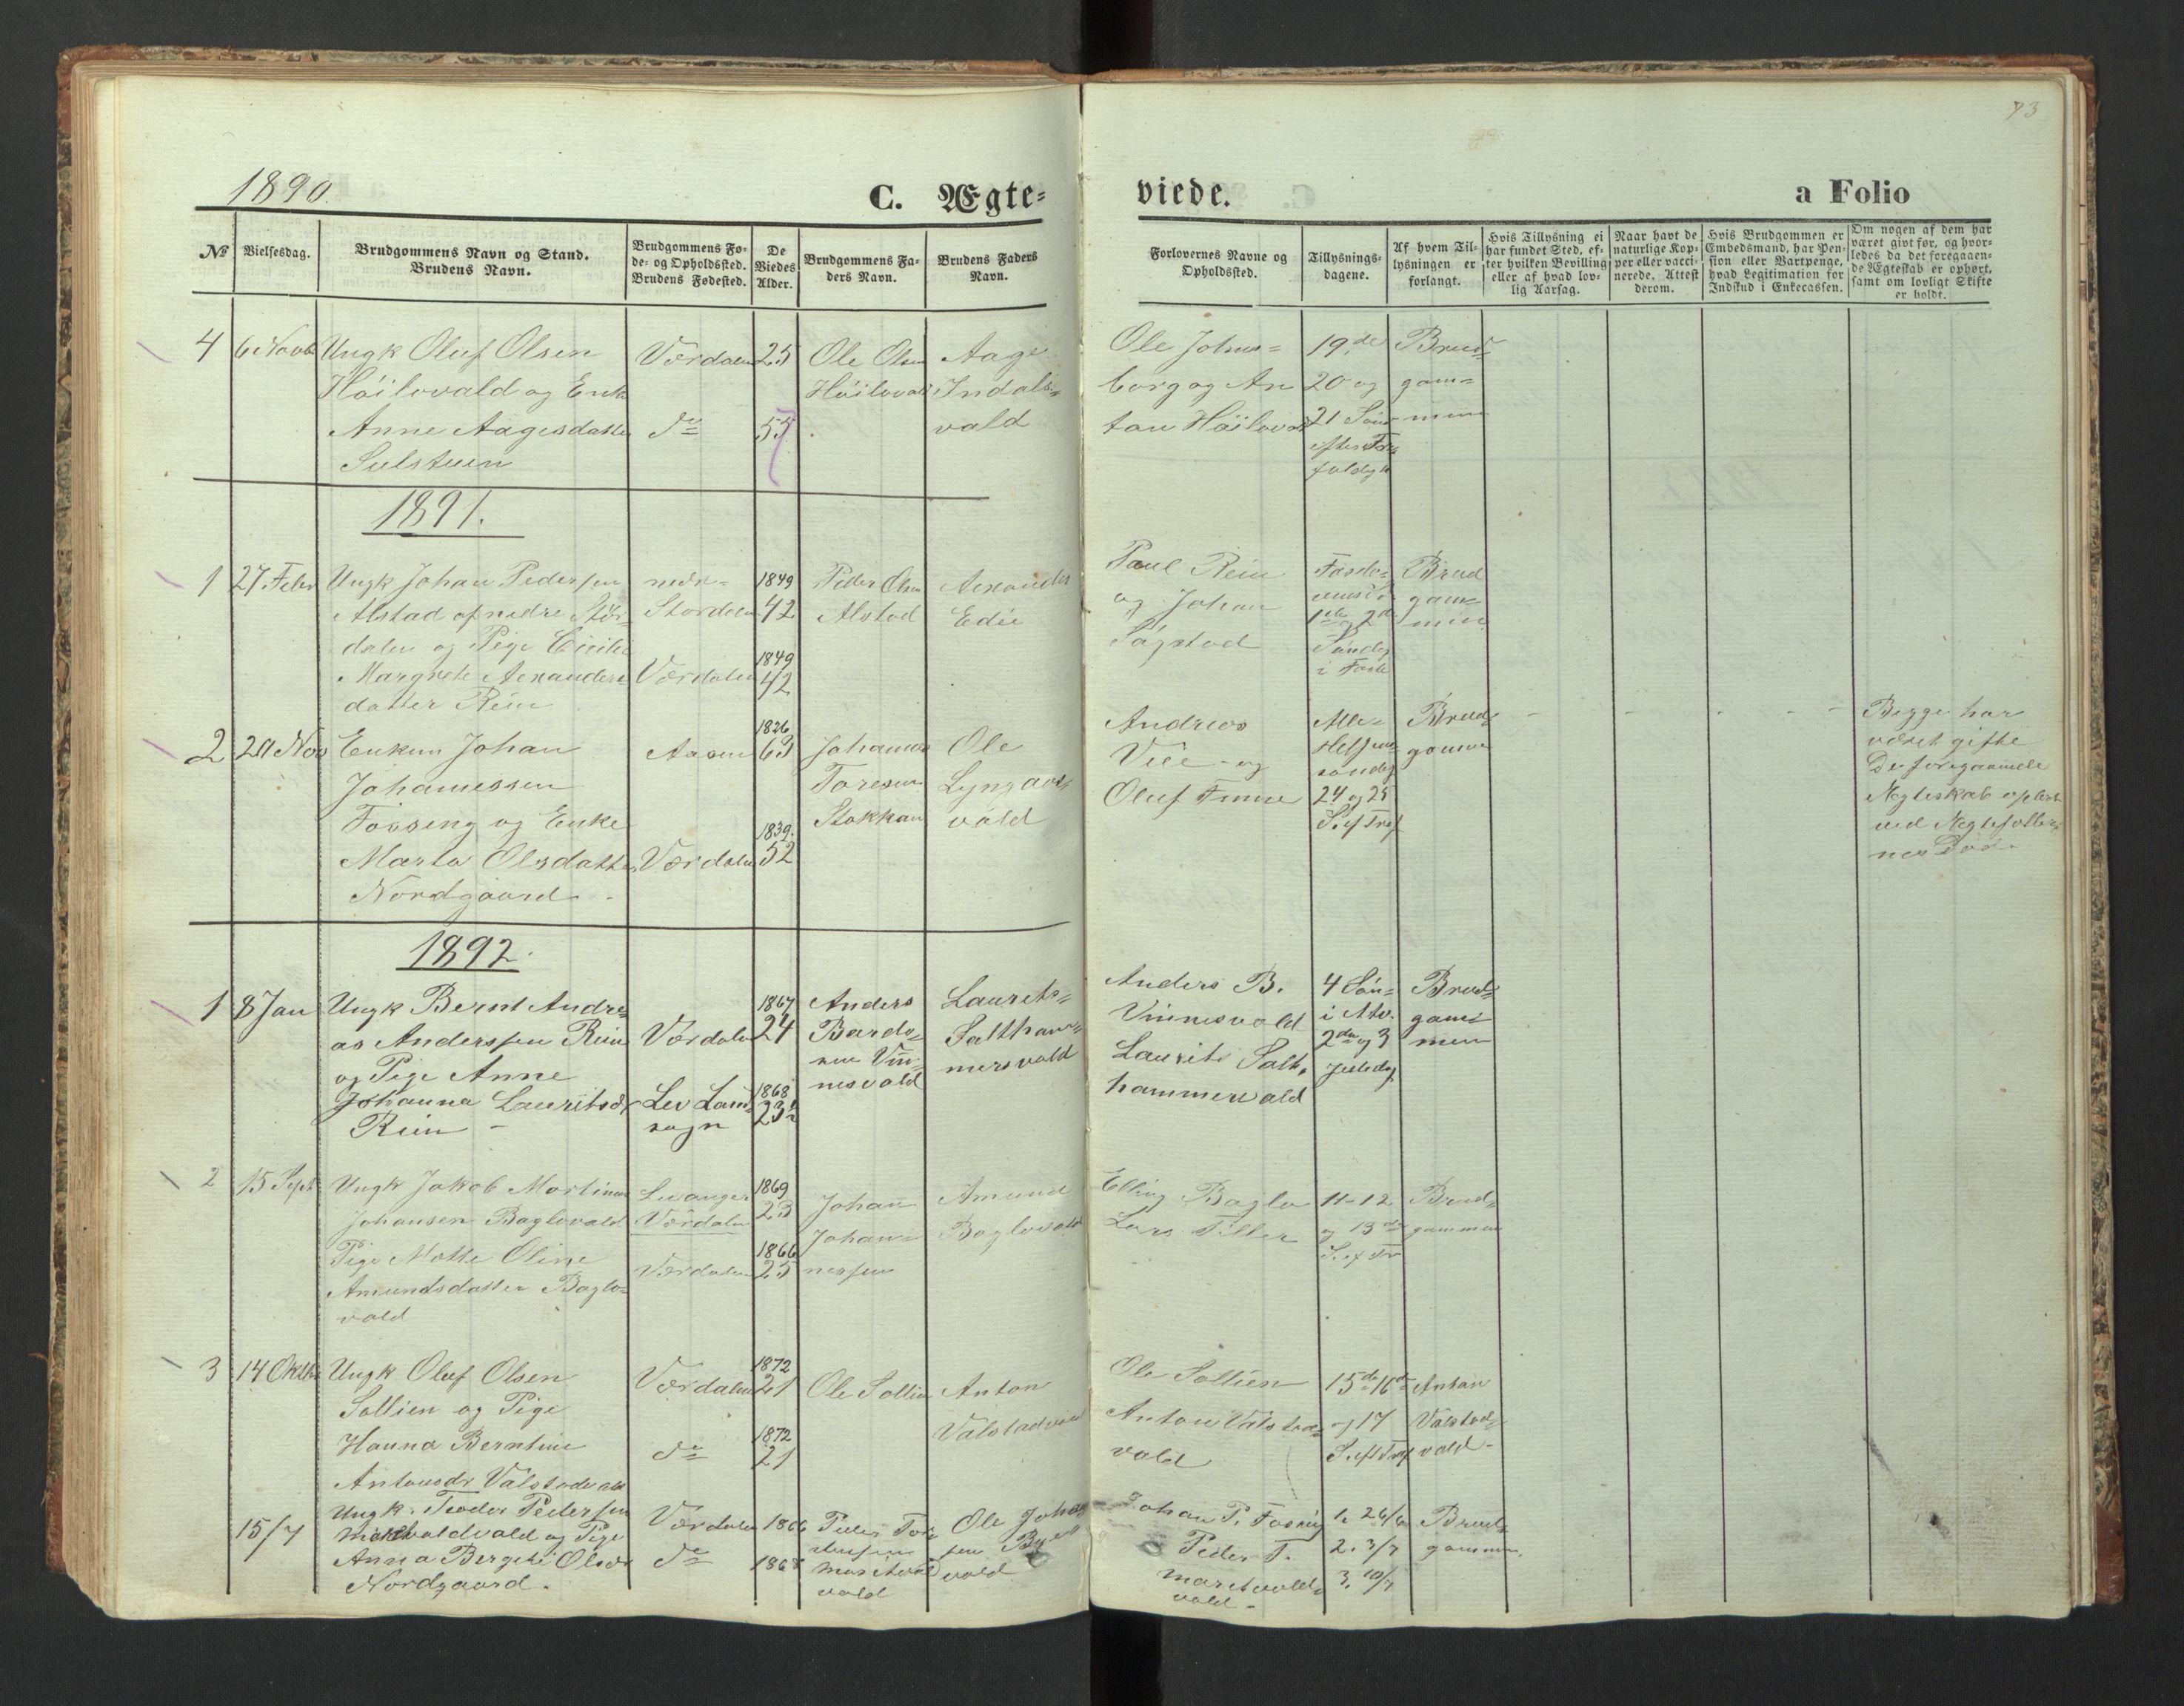 SAT, Ministerialprotokoller, klokkerbøker og fødselsregistre - Nord-Trøndelag, 726/L0271: Klokkerbok nr. 726C02, 1869-1897, s. 73